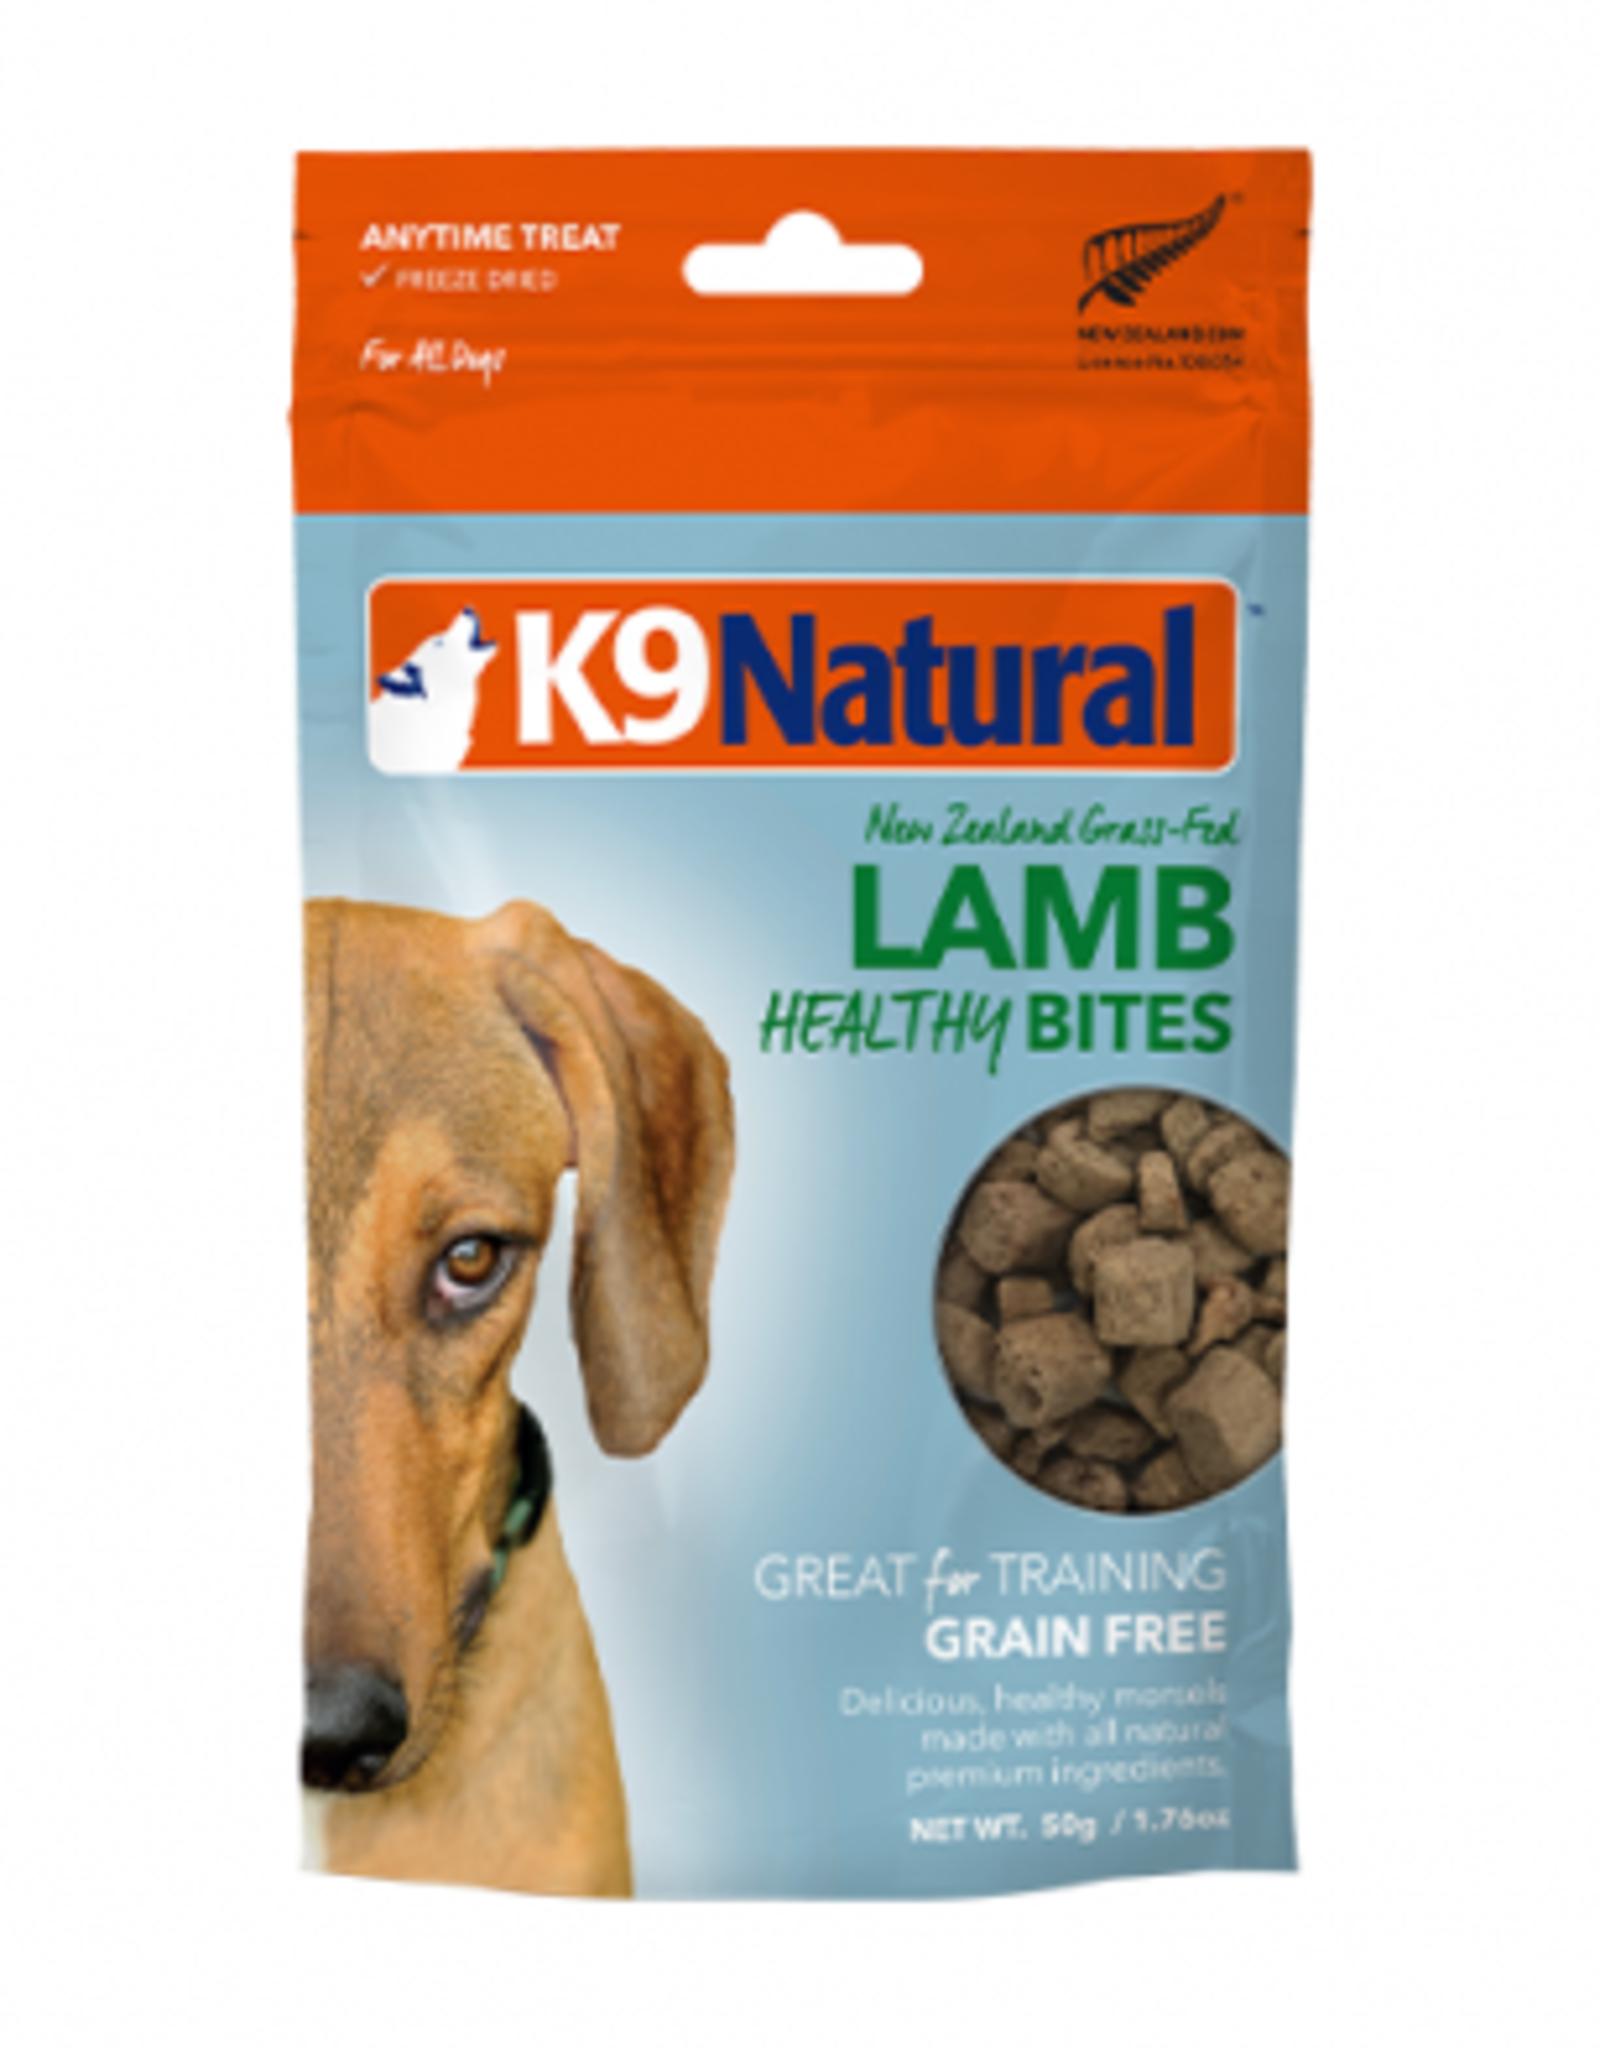 k9 Natural k9 natural lamb treats